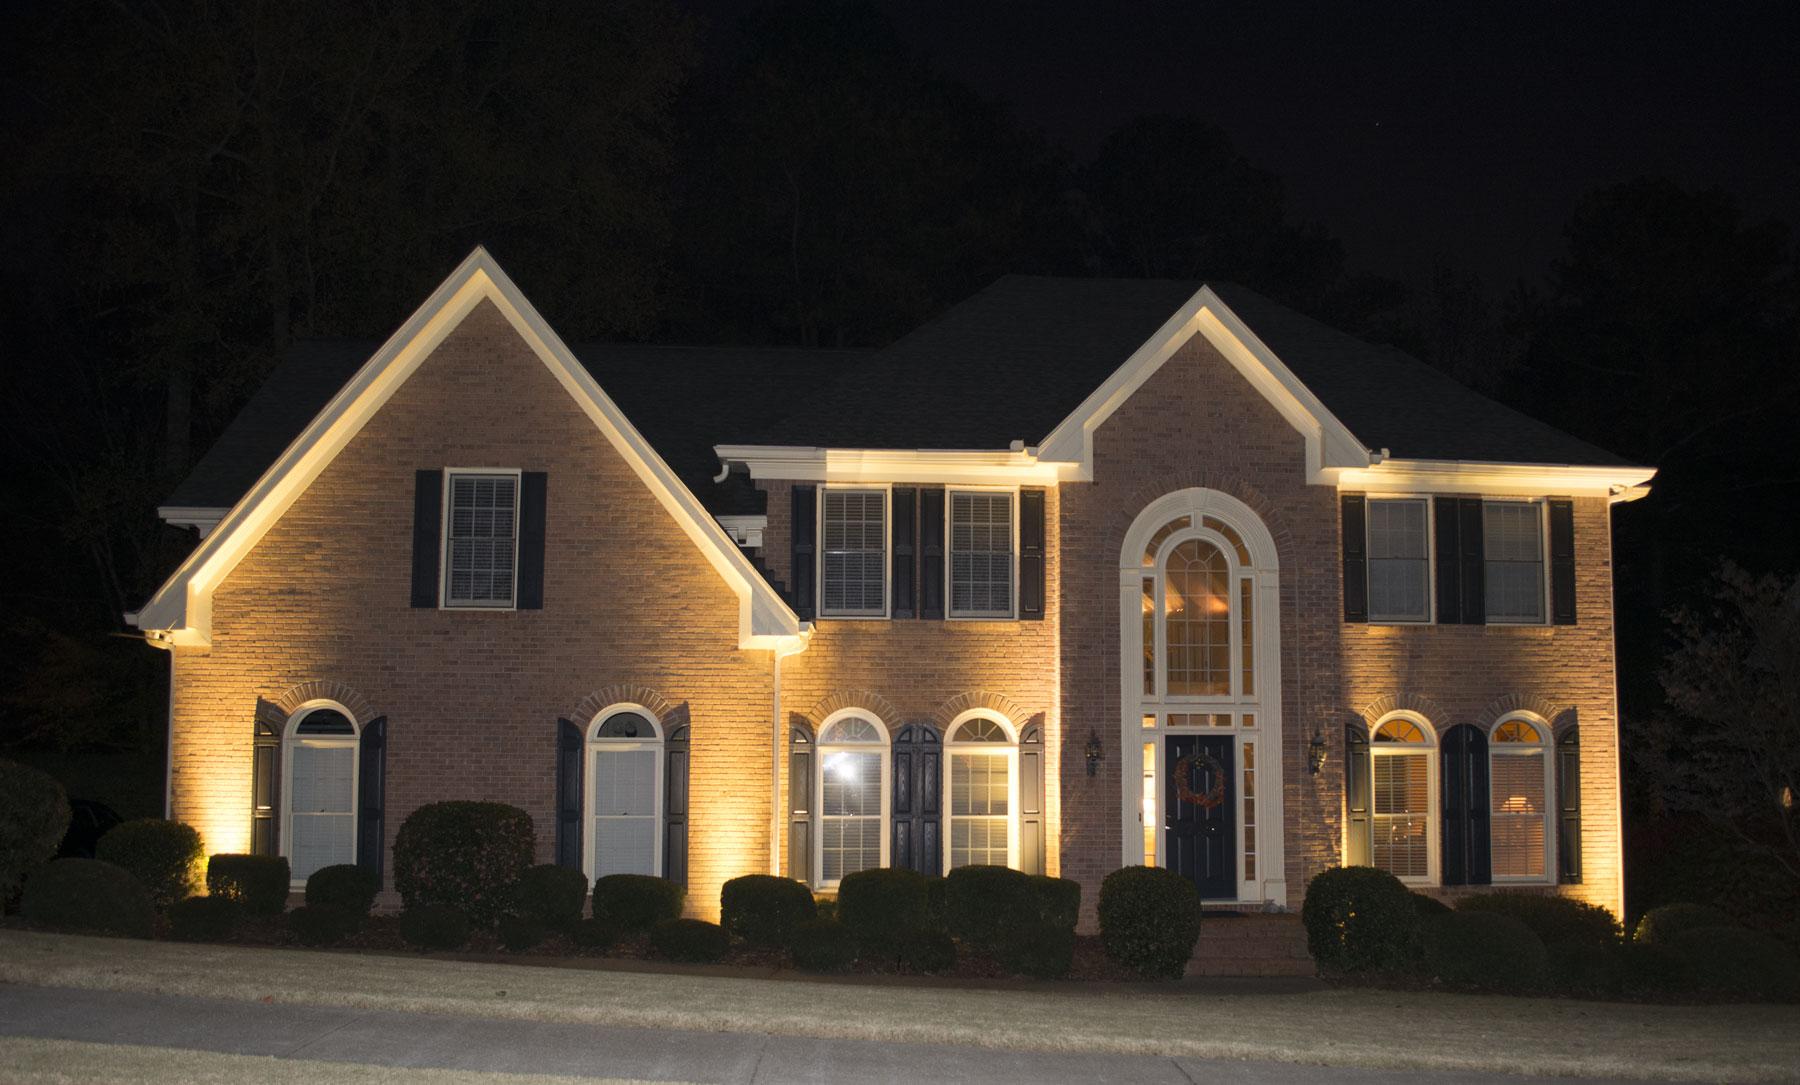 Fabulous lighting design house Alluring Alpharetta Home With Fabulous Lighting Abulous Lighting Alpharetta Home With Fabulous Lighting Abulous Lighting Roswell